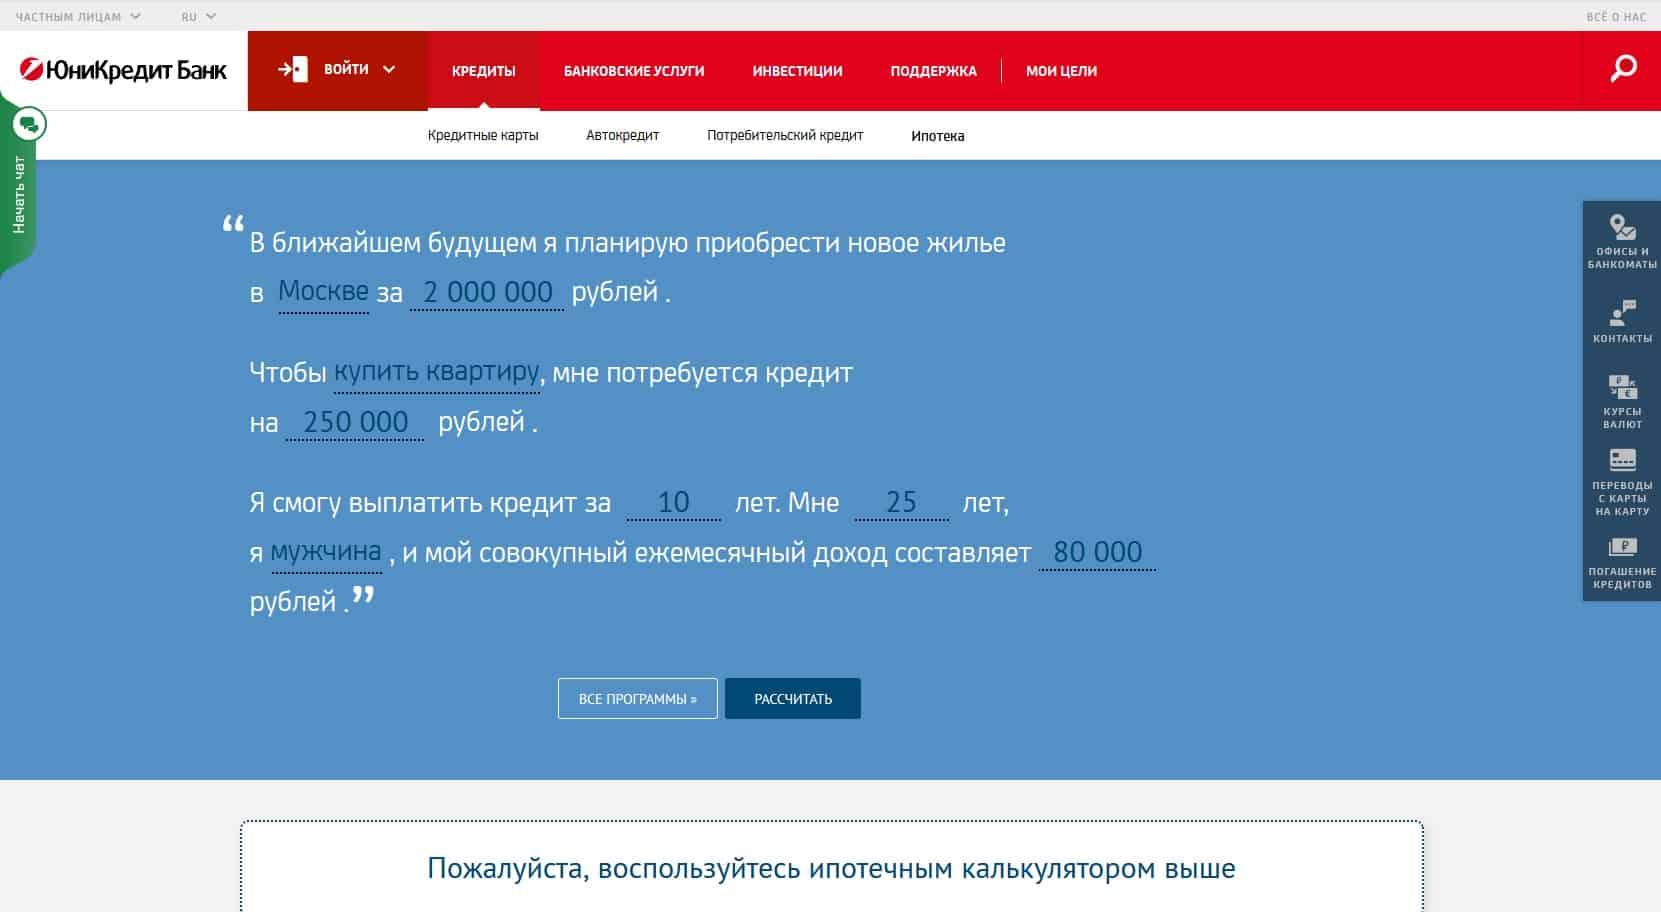 Обзор кредитных программ Юникредит банка